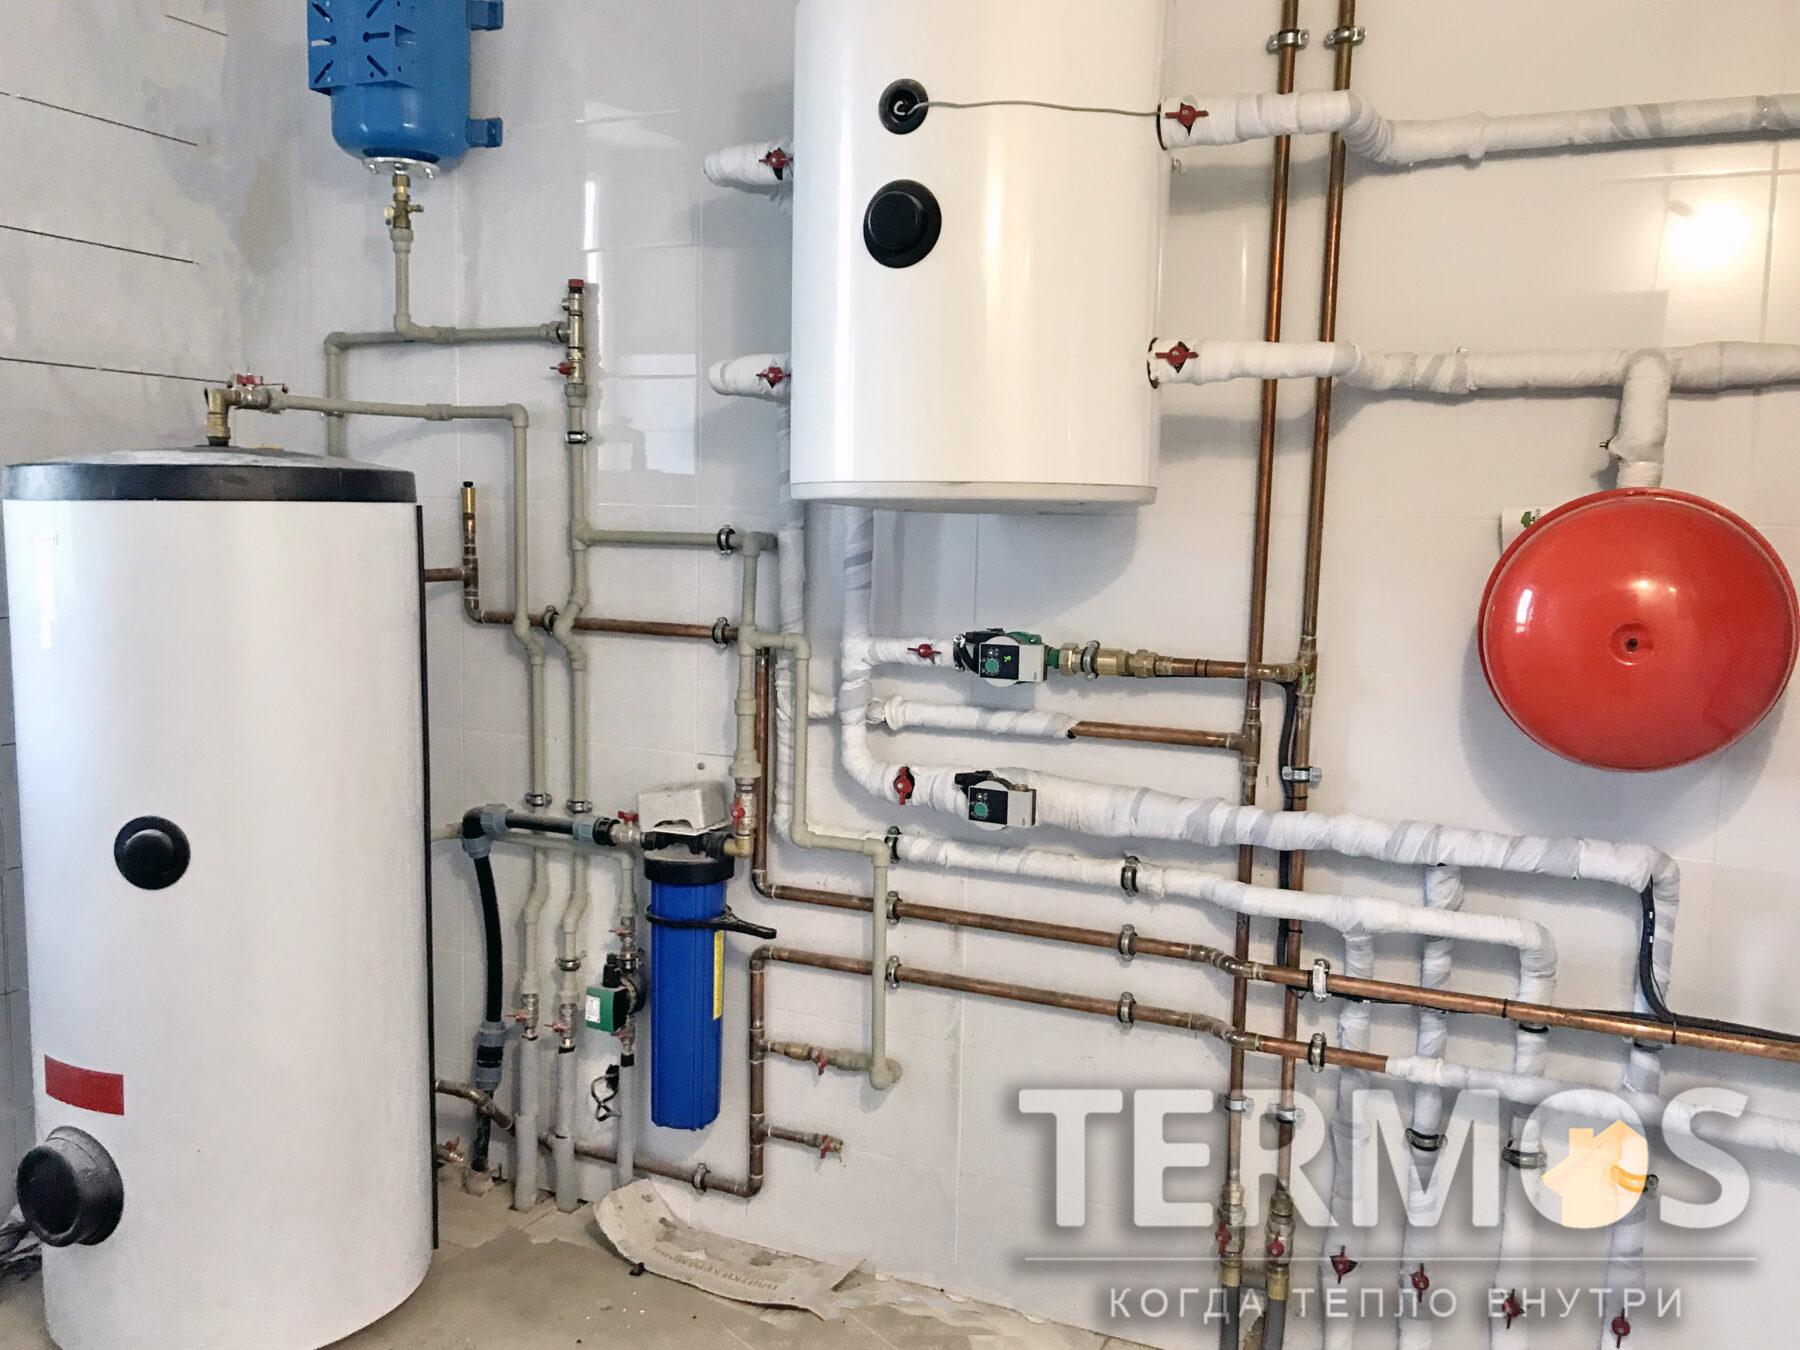 Козин. Коттедж 200 кв.м. Буферная емкость 250 л является аккумулятором тепла/холода. Горячая вода готовится в бойлере косвенного нагрева 300 литров с увеличенным теплообменником